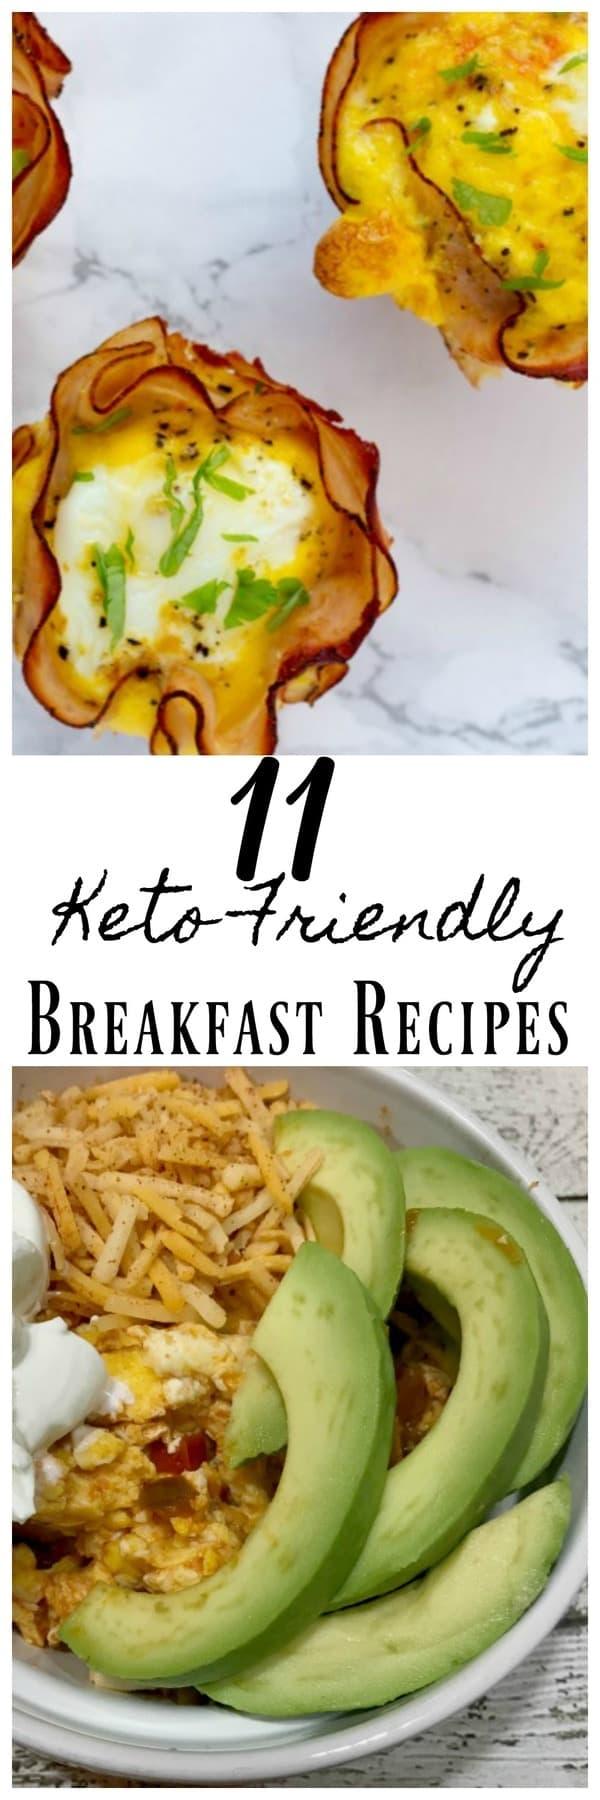 Keto Breakfast Recipes Midgetmomma